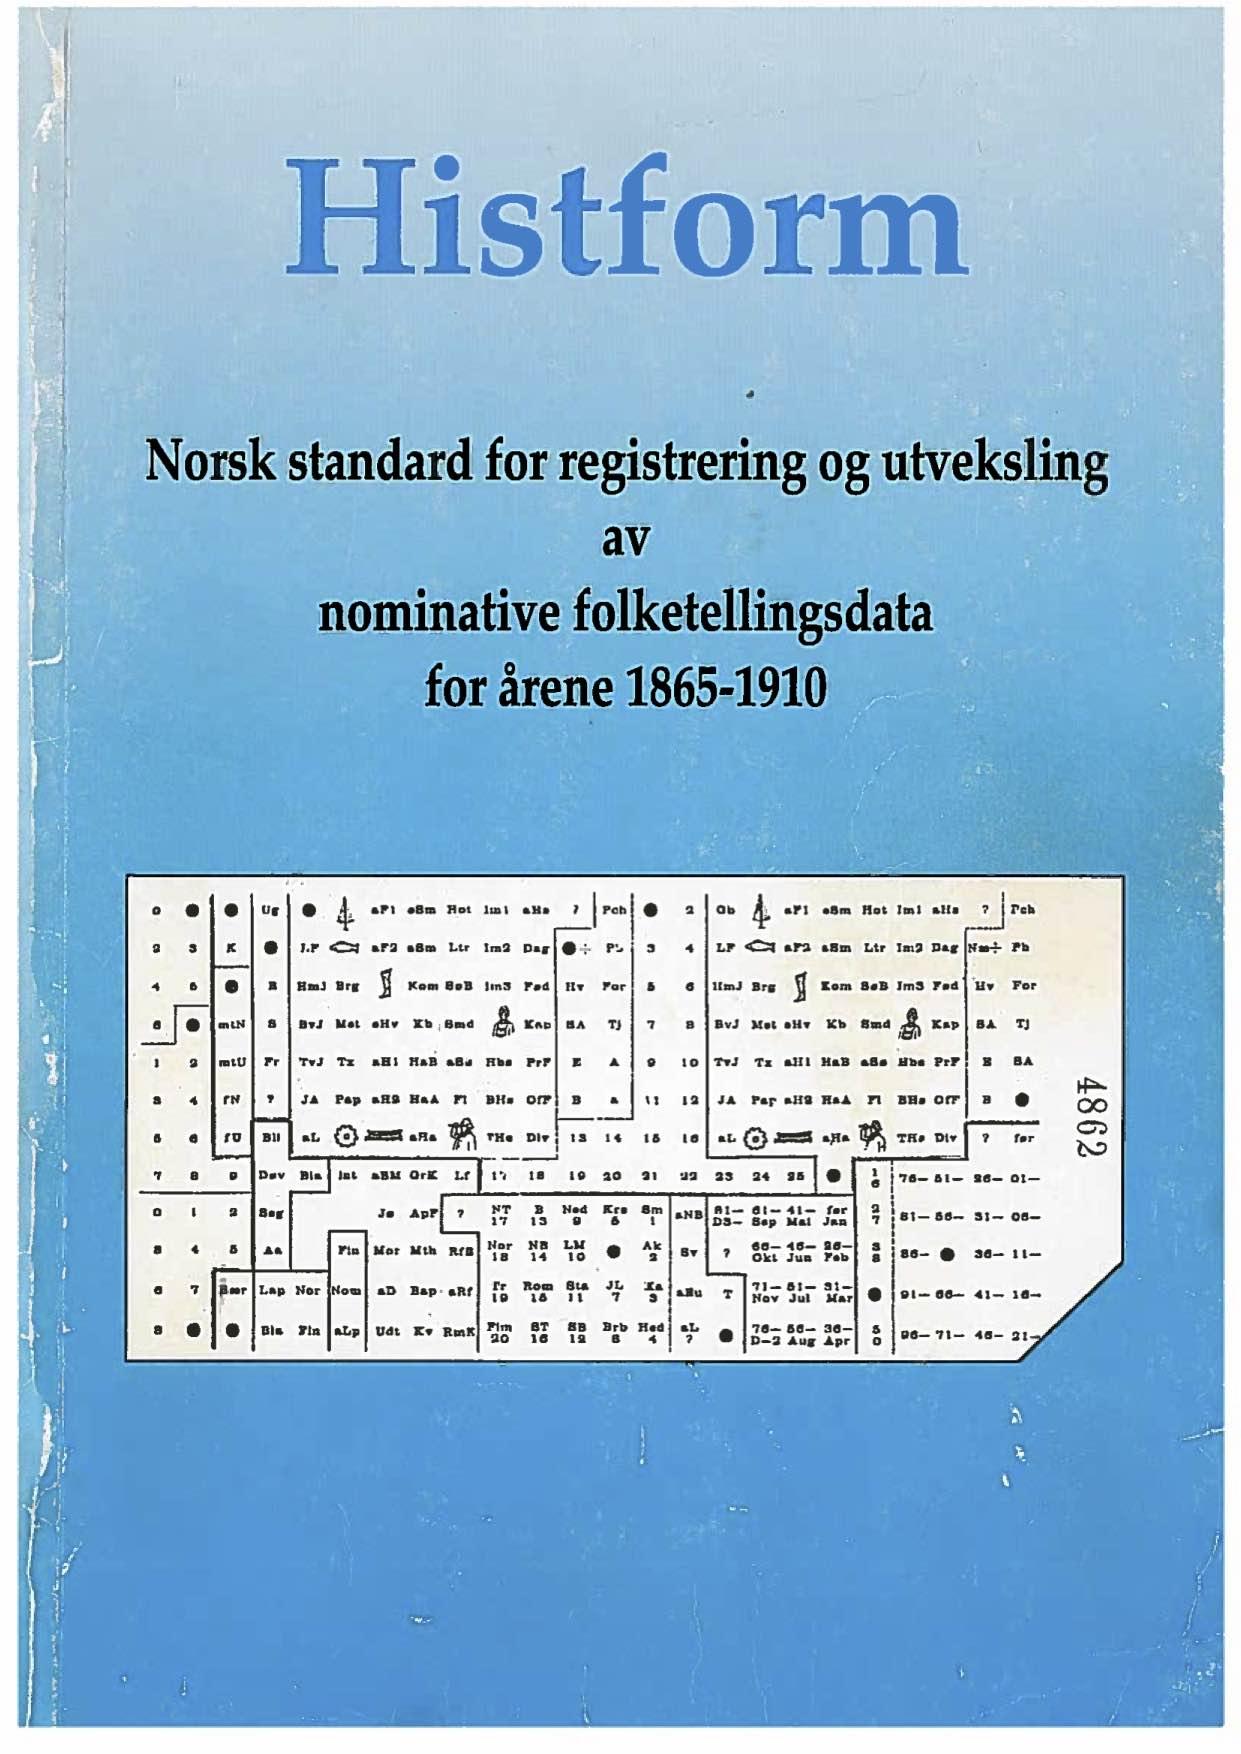 Forsiden til trykt utgave av Histform.